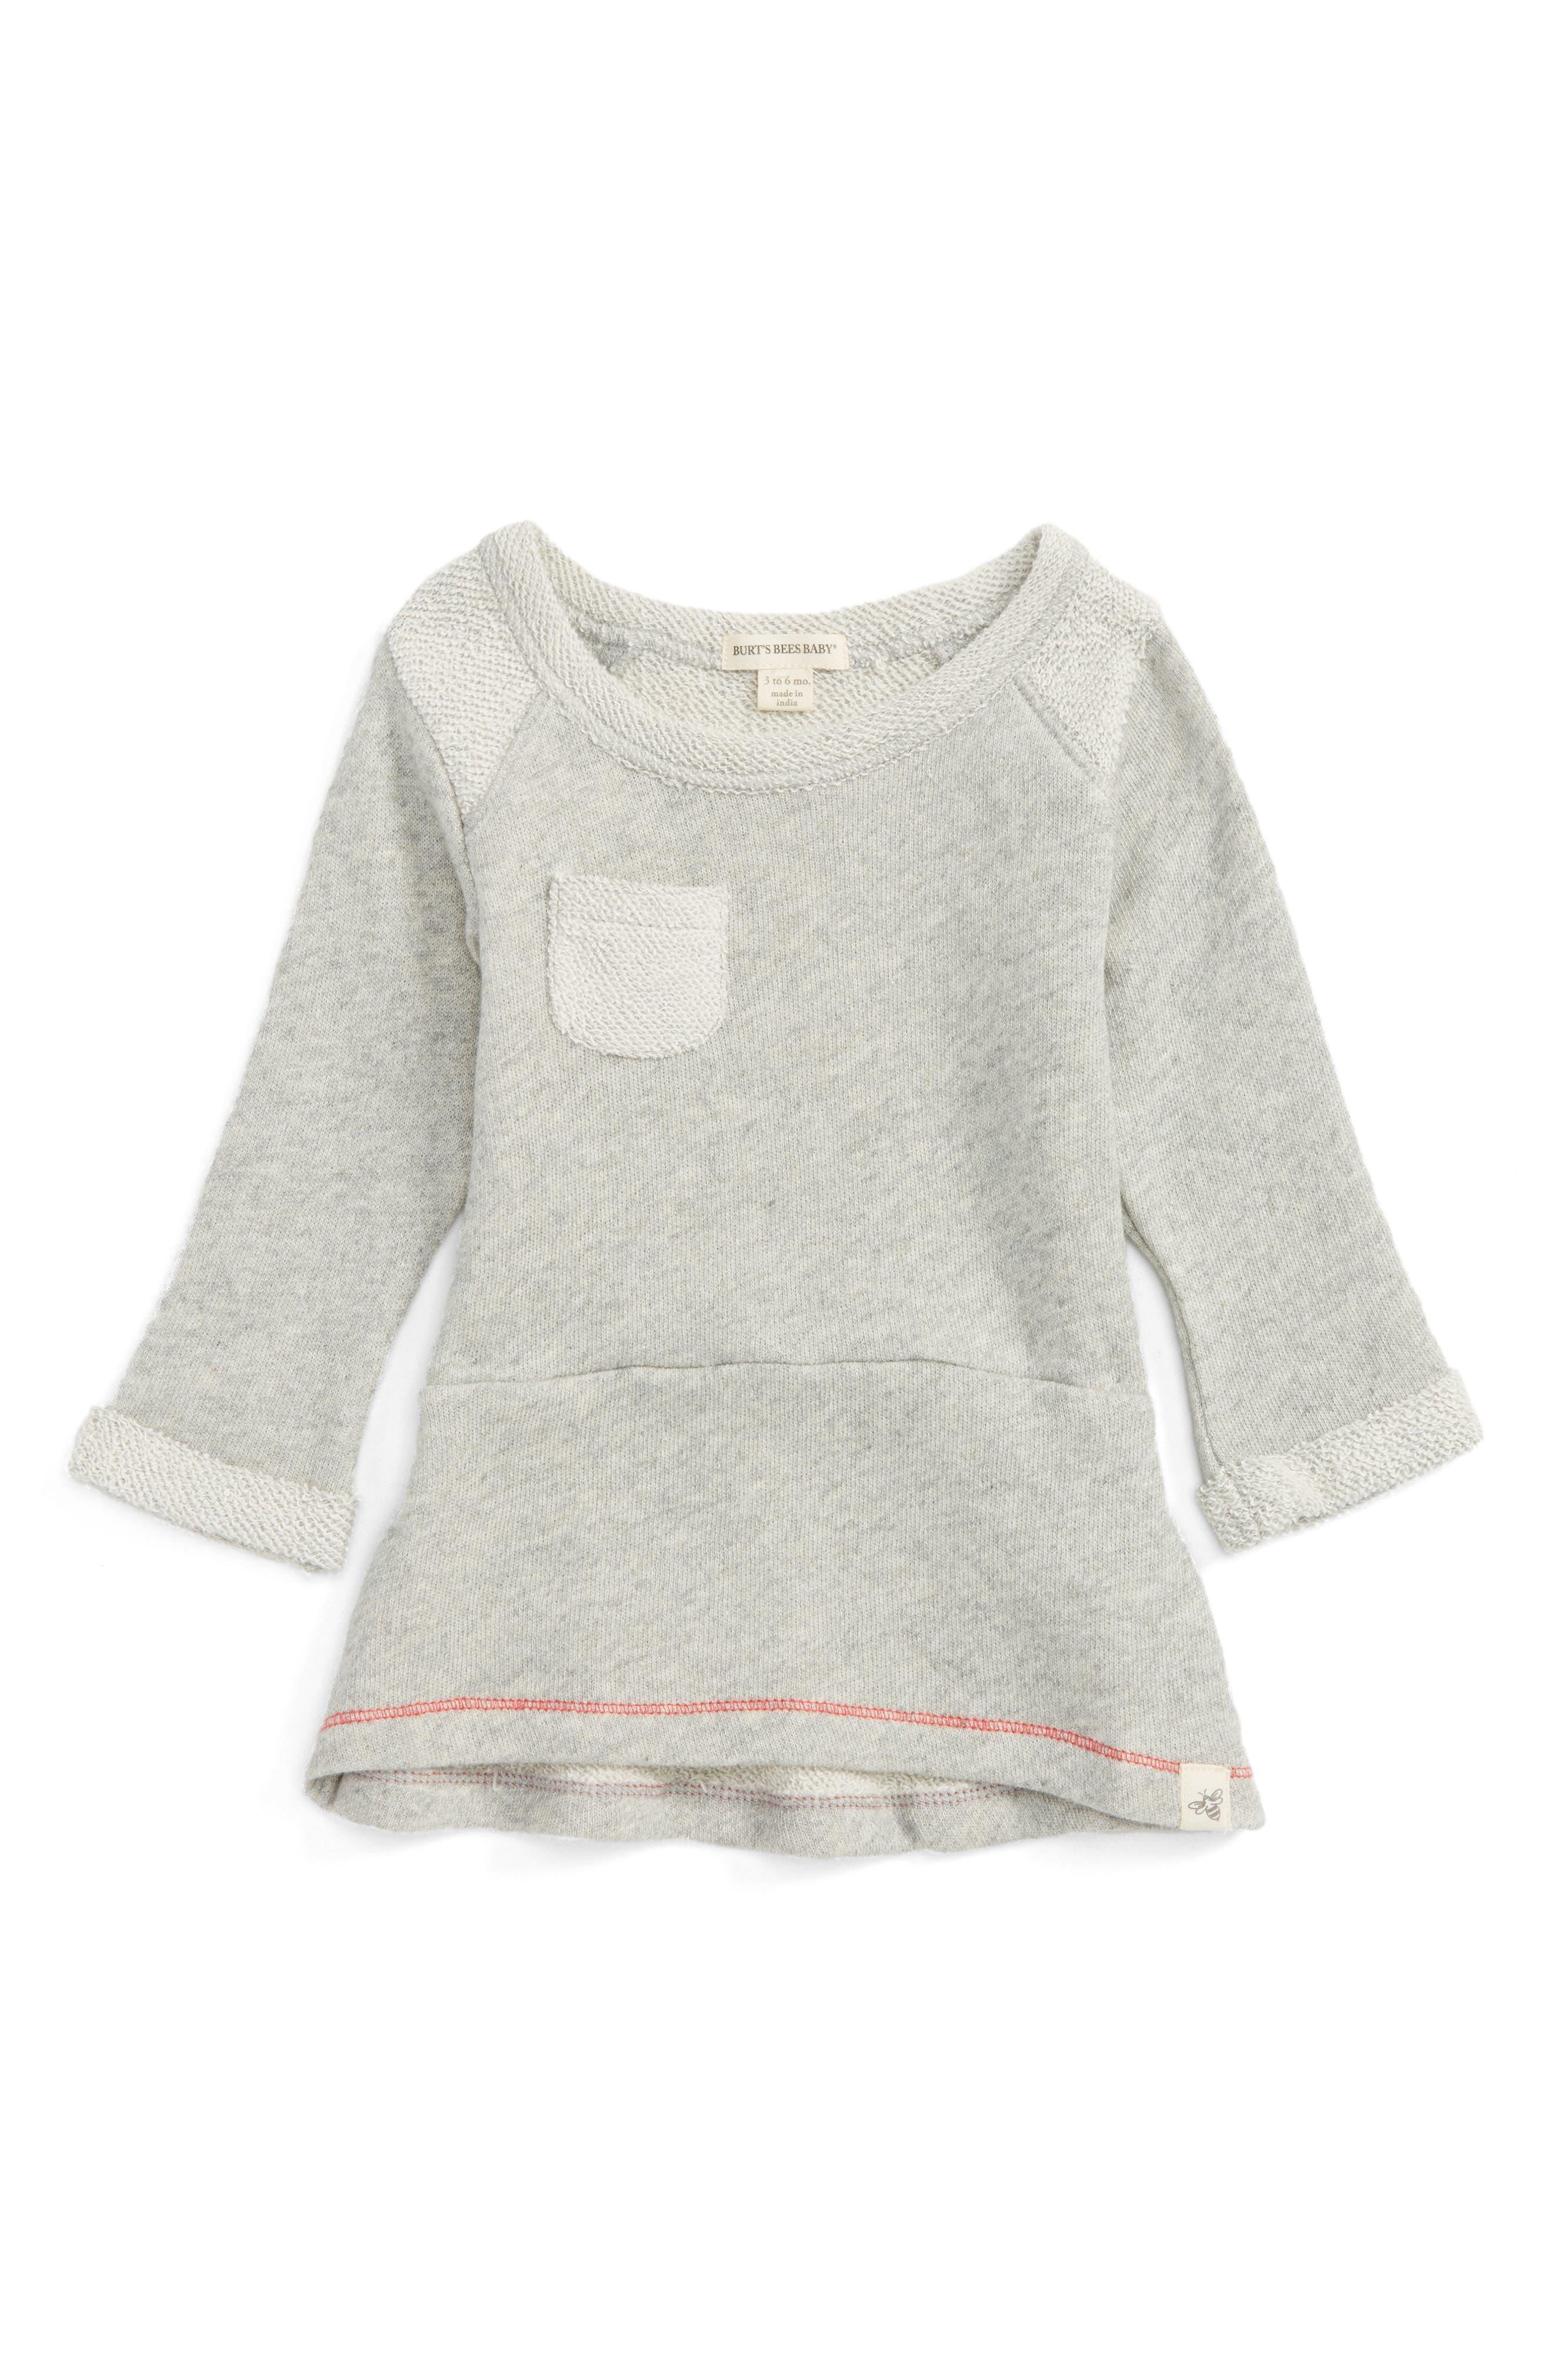 Burt's Bee's Baby Organic Cotton Terry Dress (Baby Girls)